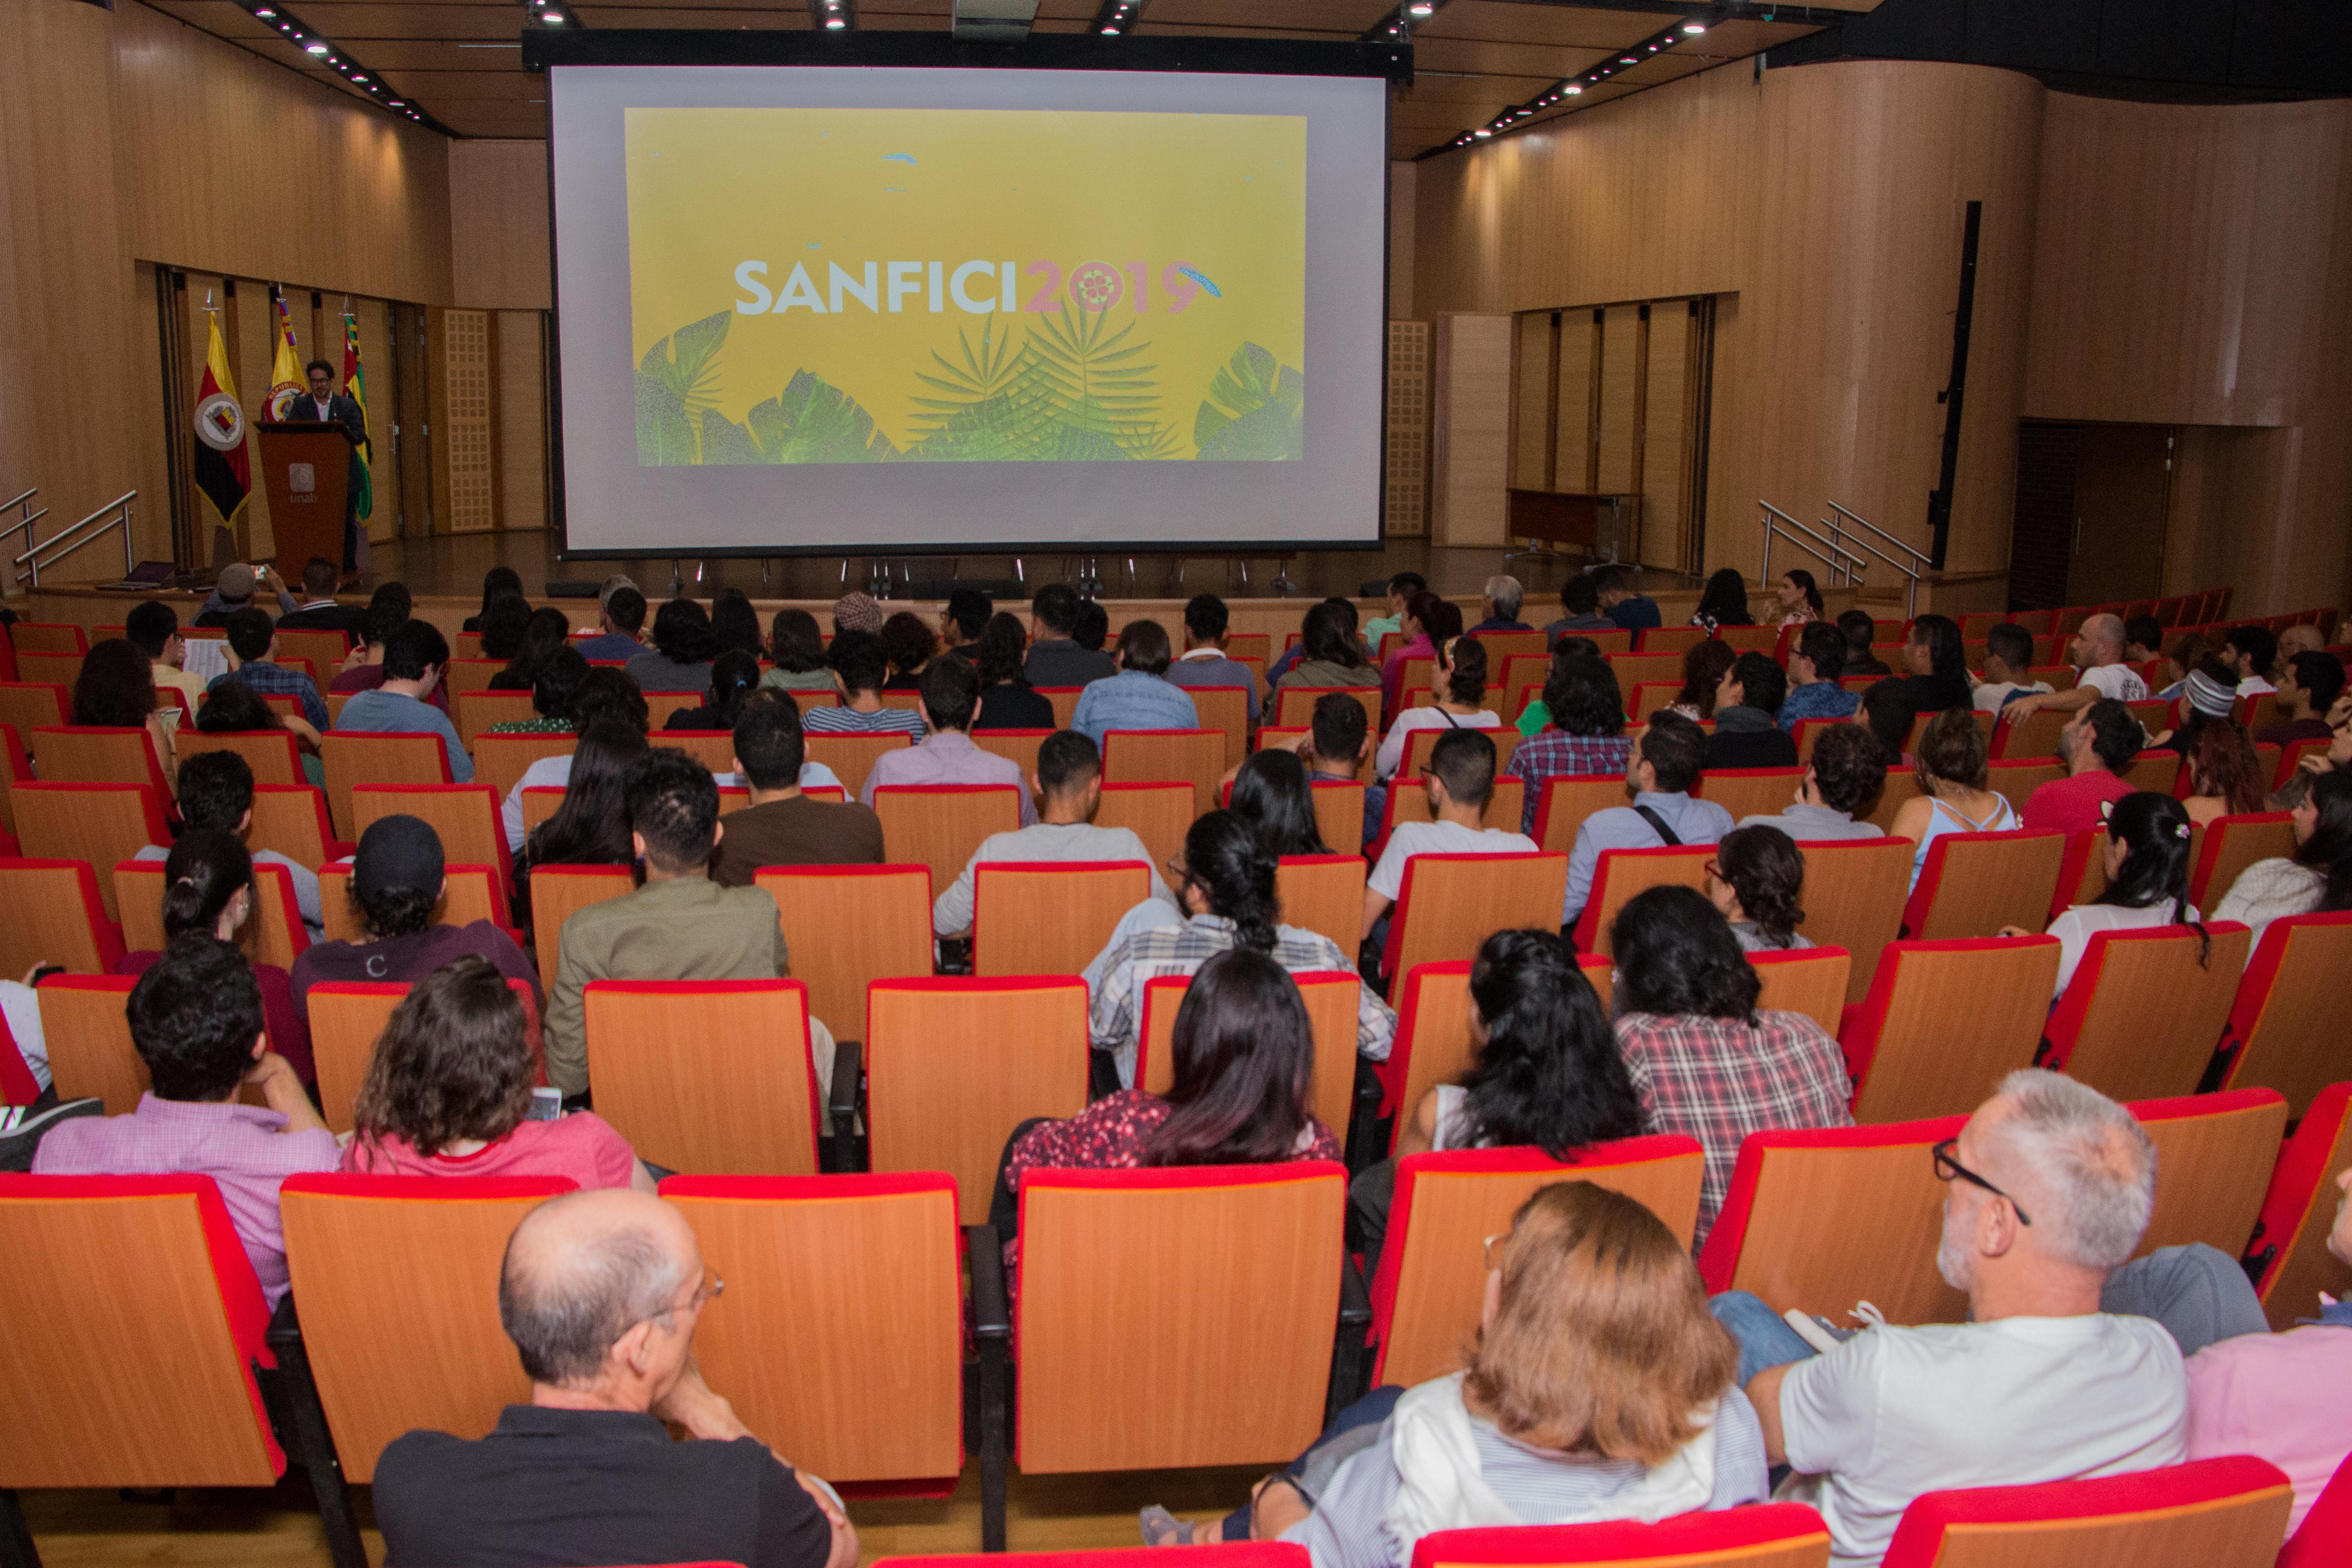 SANFICI 2019 / Apertura